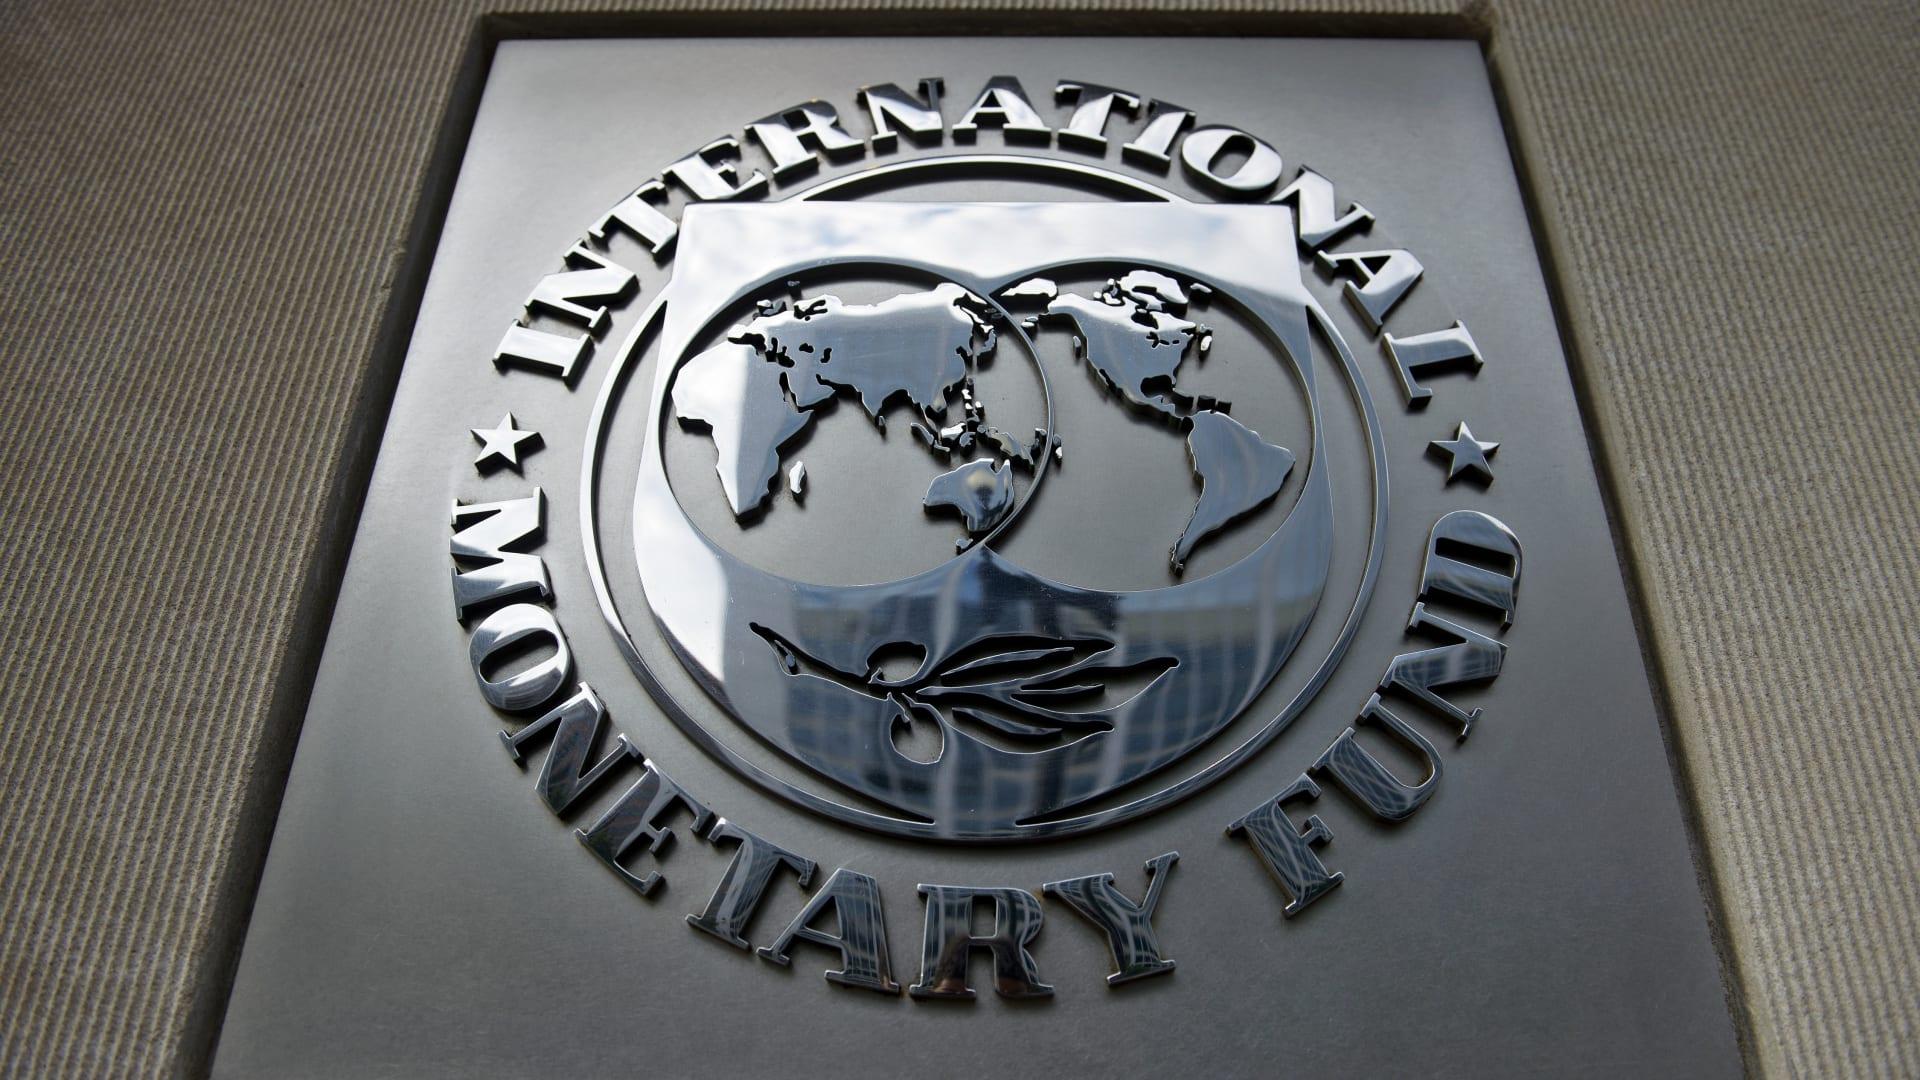 صندوق النقد الدولي يمدد تخفيف عبء الديون لـ28 دولة منخفضة الدخل